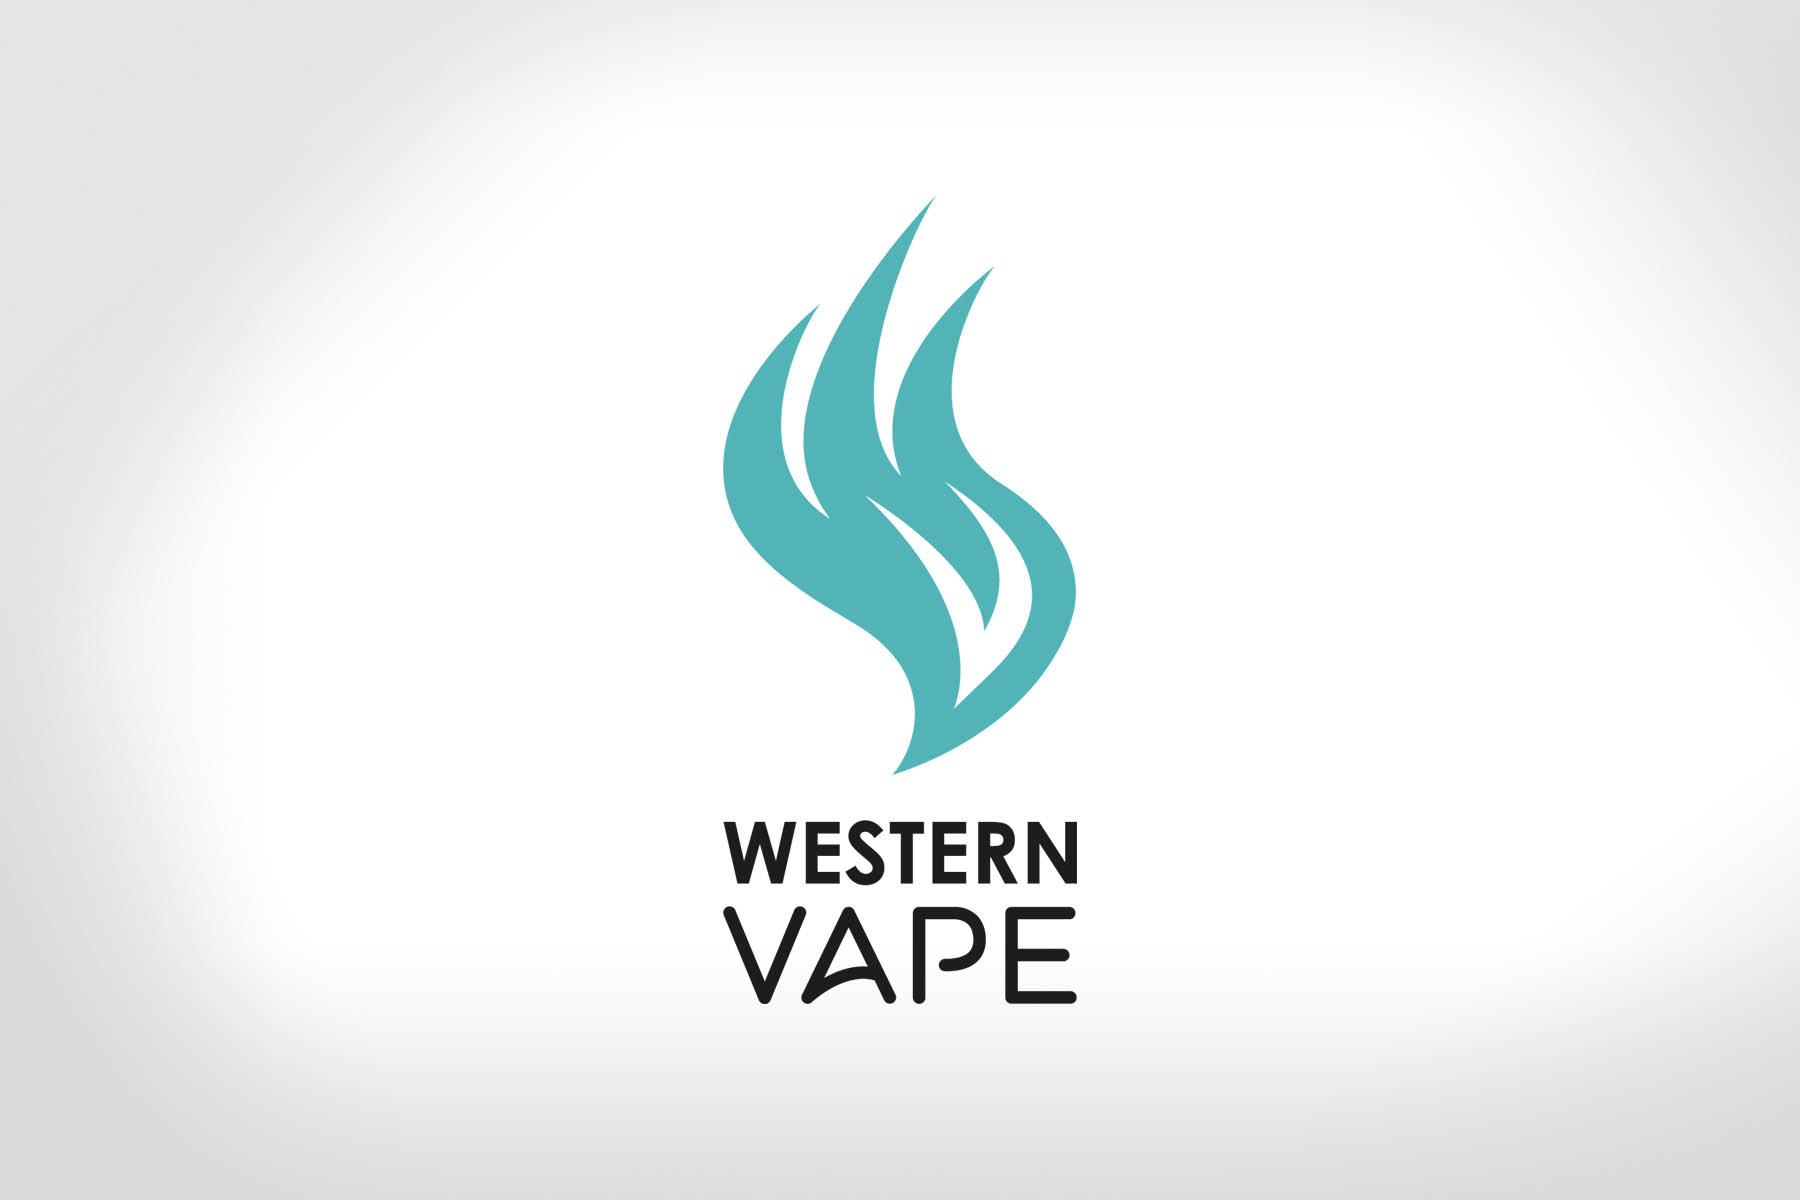 1800x1200 WesternVape